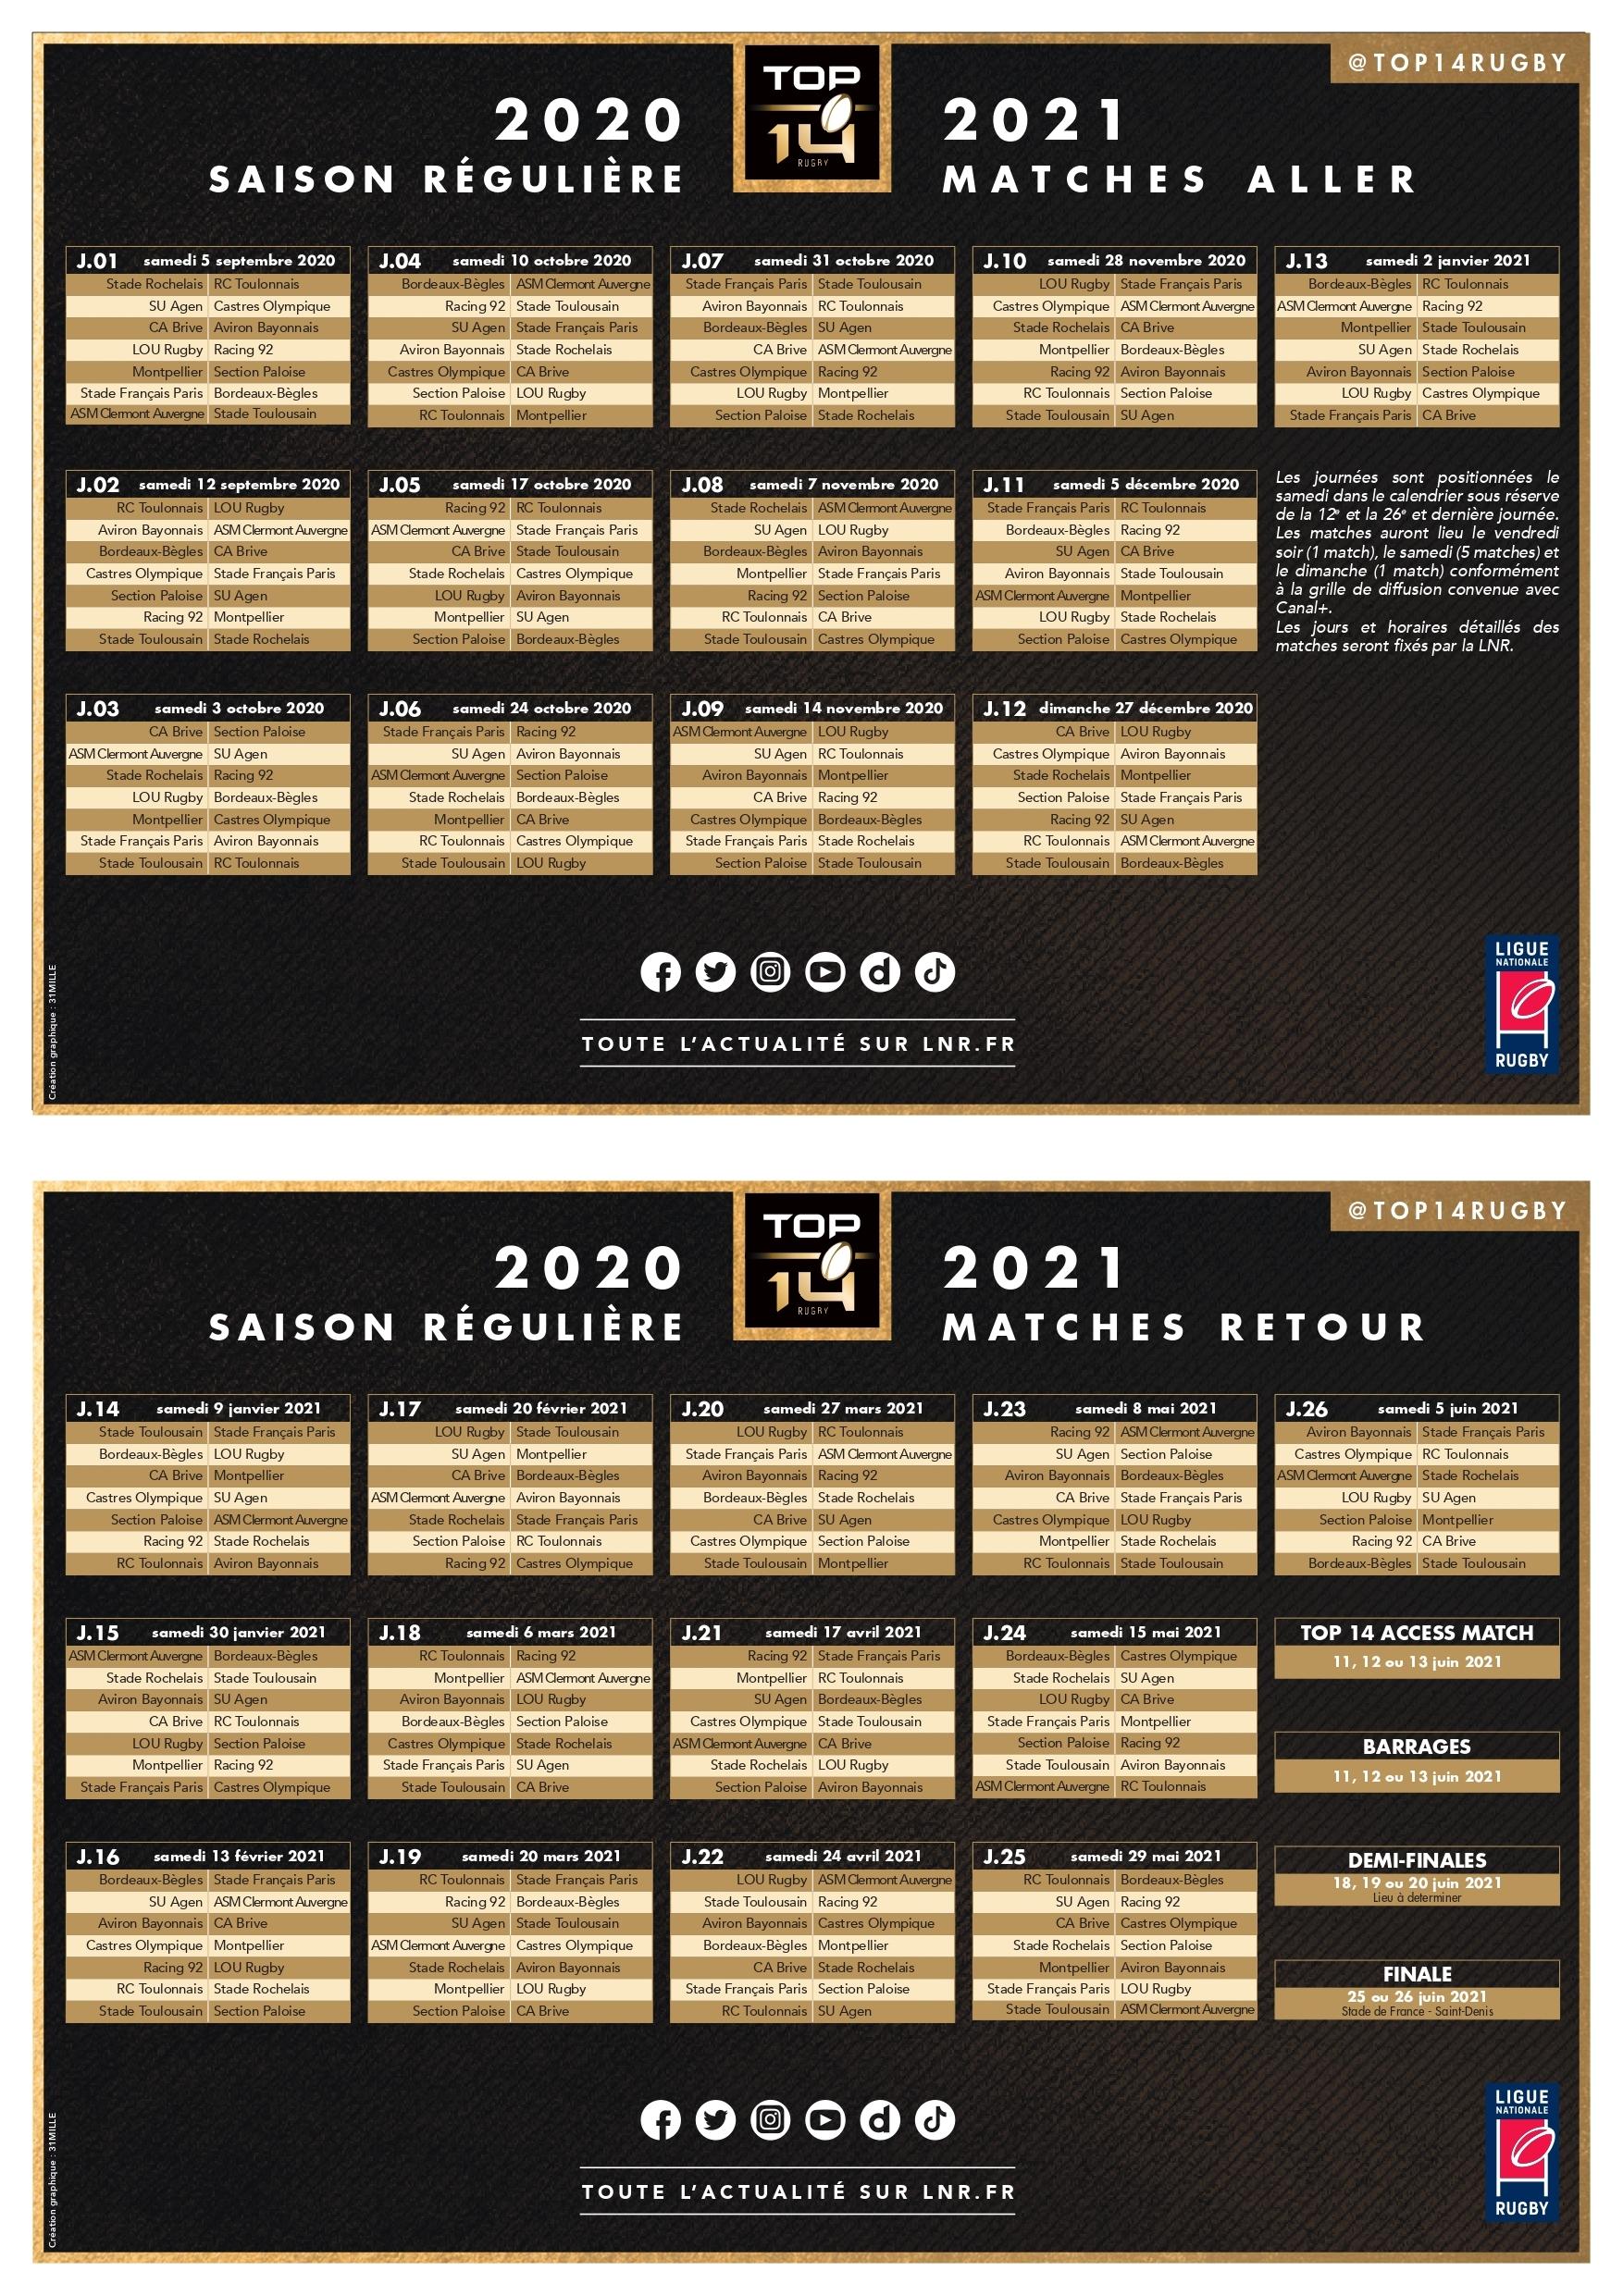 Calendrier Top 14 2021 2022 Le Calendrier Top 14 20/21 dévoilé !